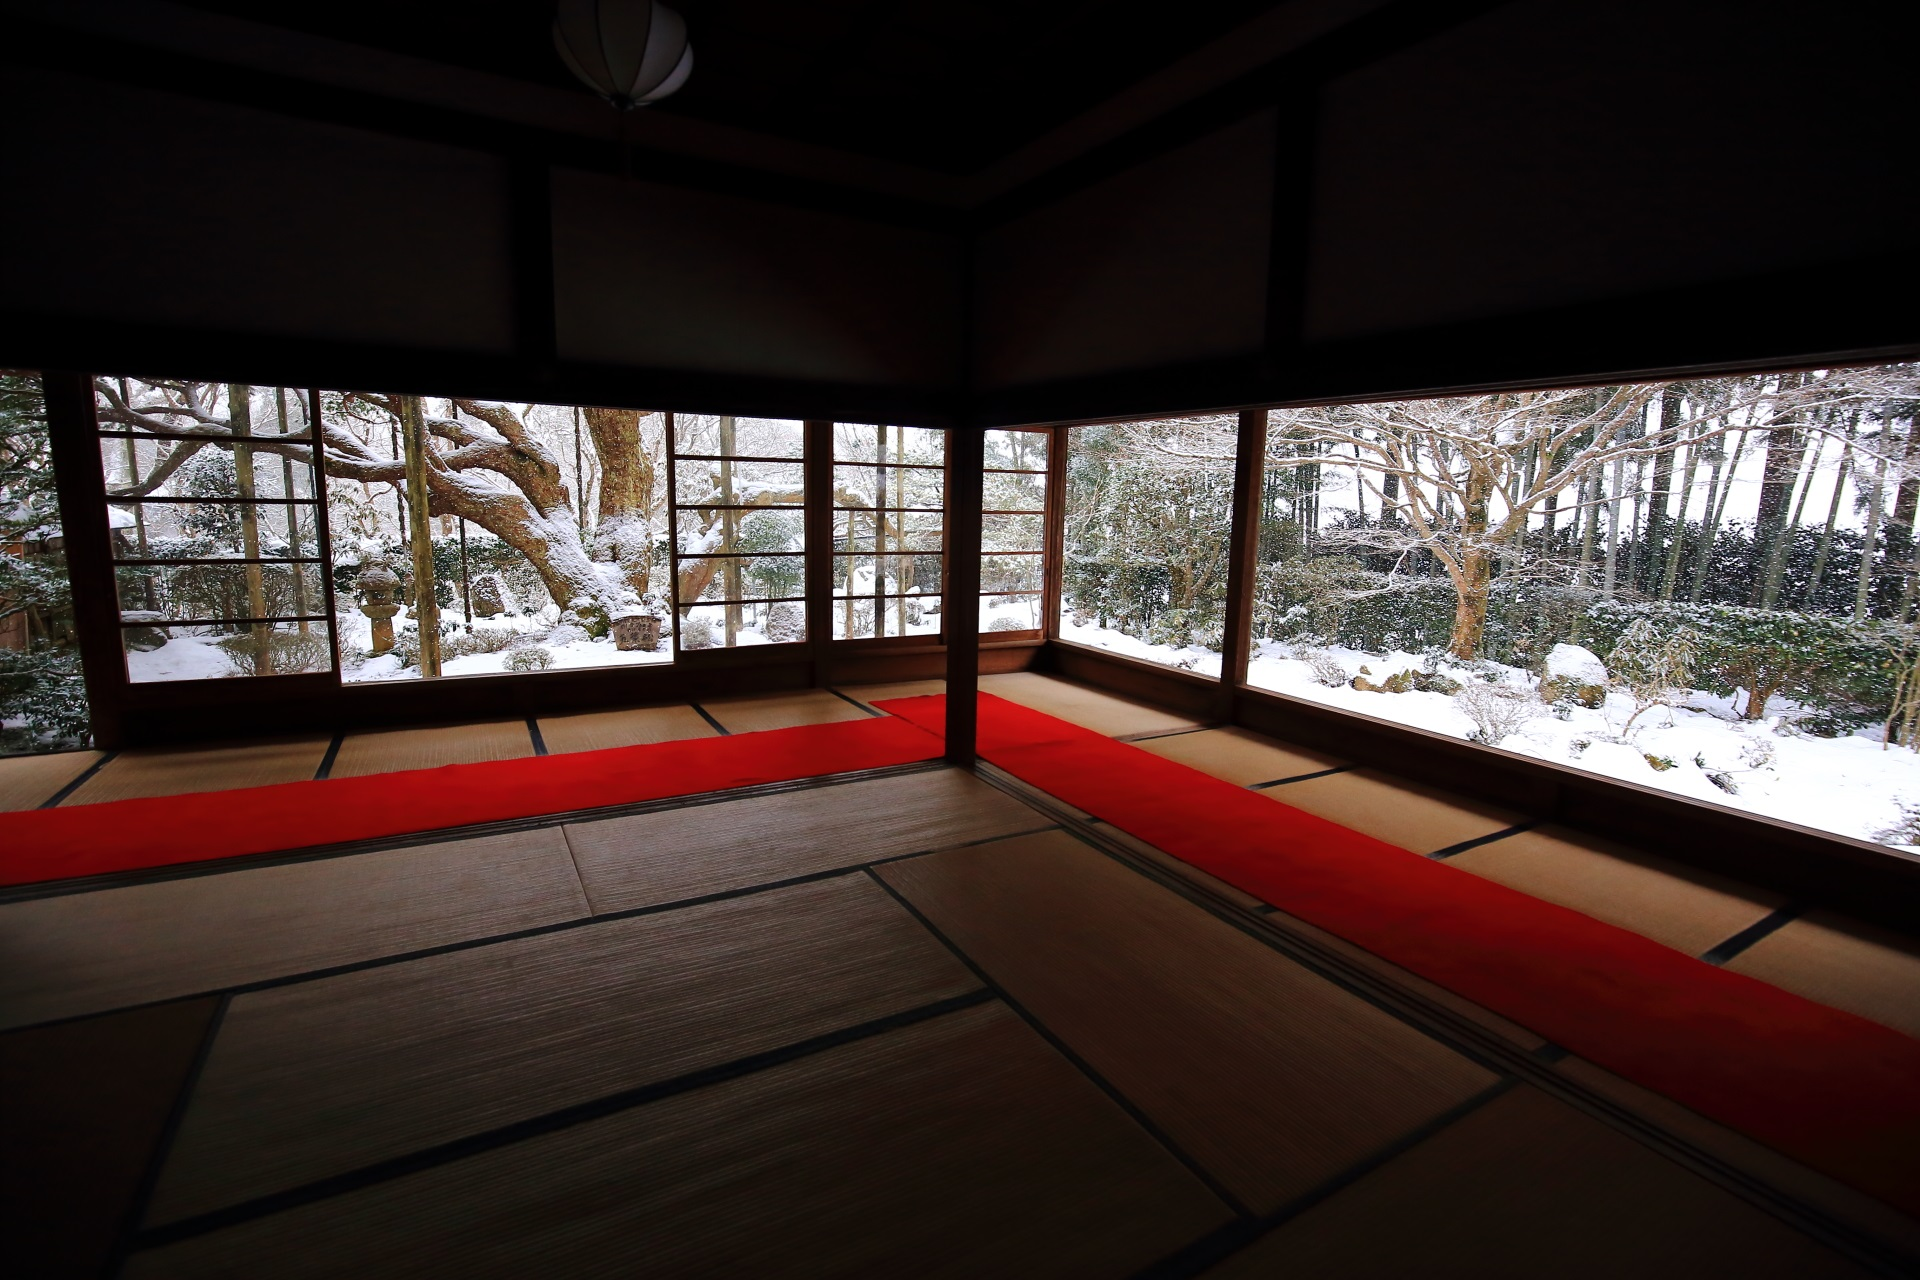 宝泉院 雪 京都大原の冬の白い額縁の庭園